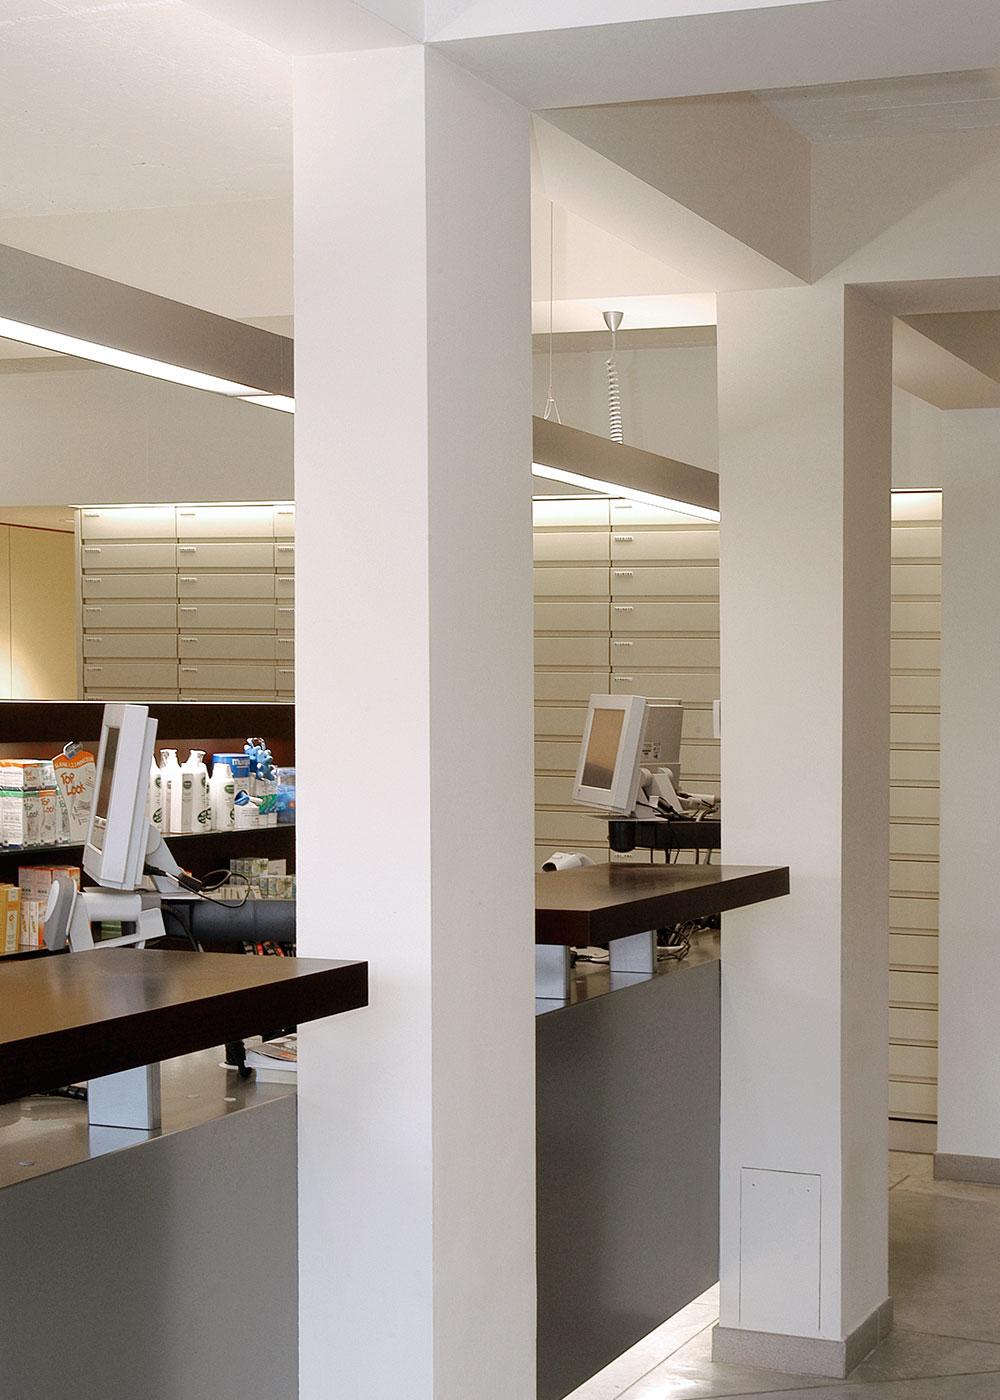 De structurele elementen vormen een essentieel onderdeel van het interieurontwerp.